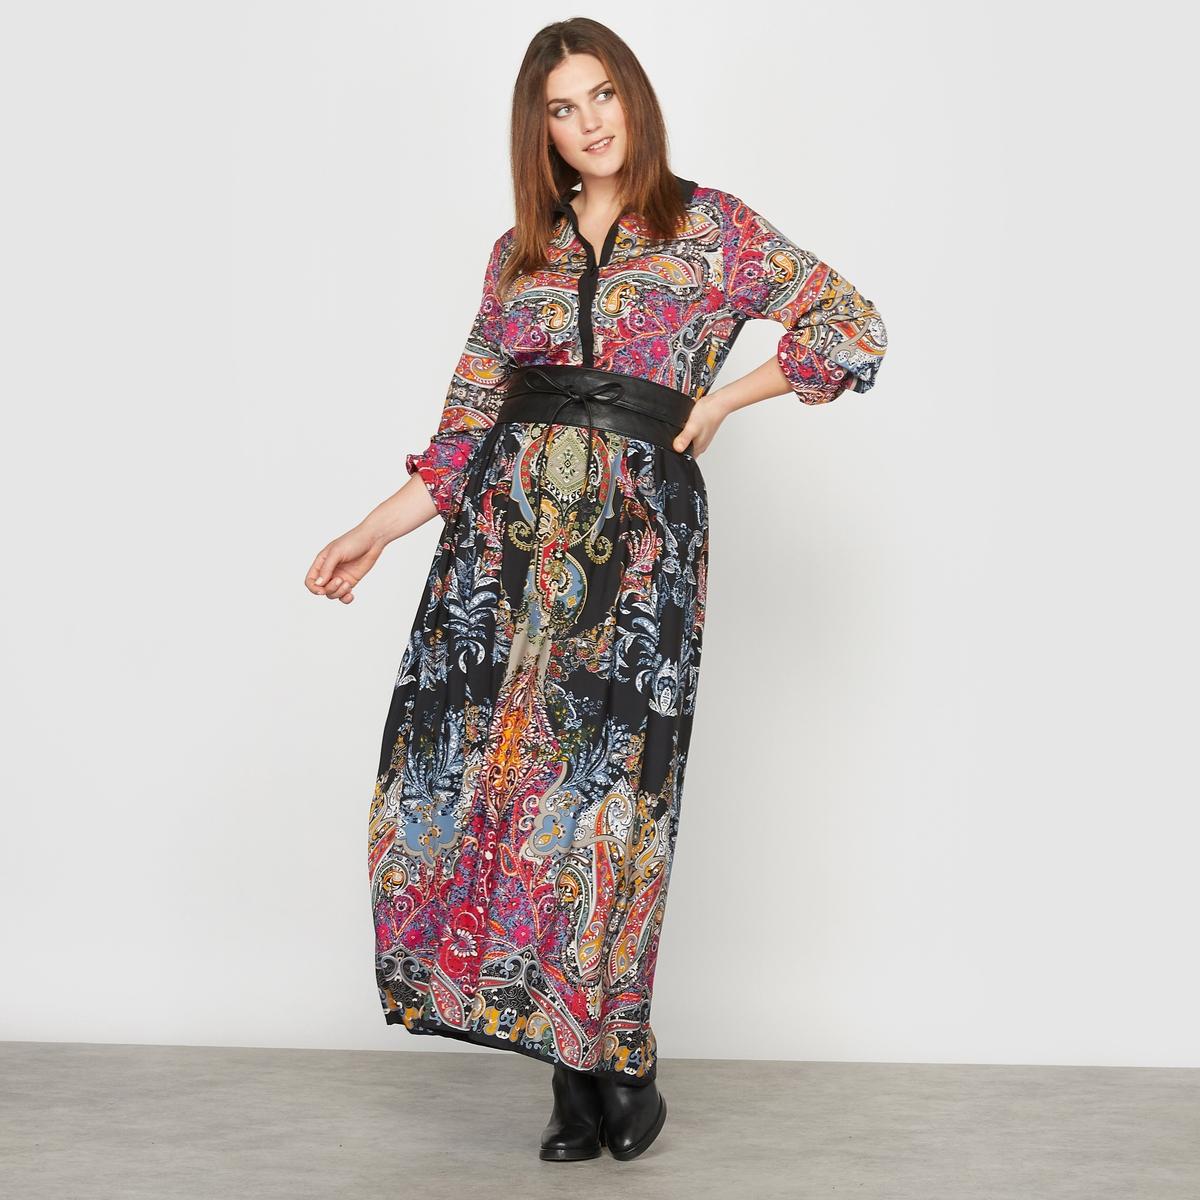 Платье длинное с рисункомСостав и описание :Материал : струящаяся ткань 100% полиэстера, торс на подкладке.Длина : 147 см. Марка : CASTALUNA.Уход : Машинная стирка при 30 °C.<br><br>Цвет: рисунок платочный<br>Размер: 50 (FR) - 56 (RUS)